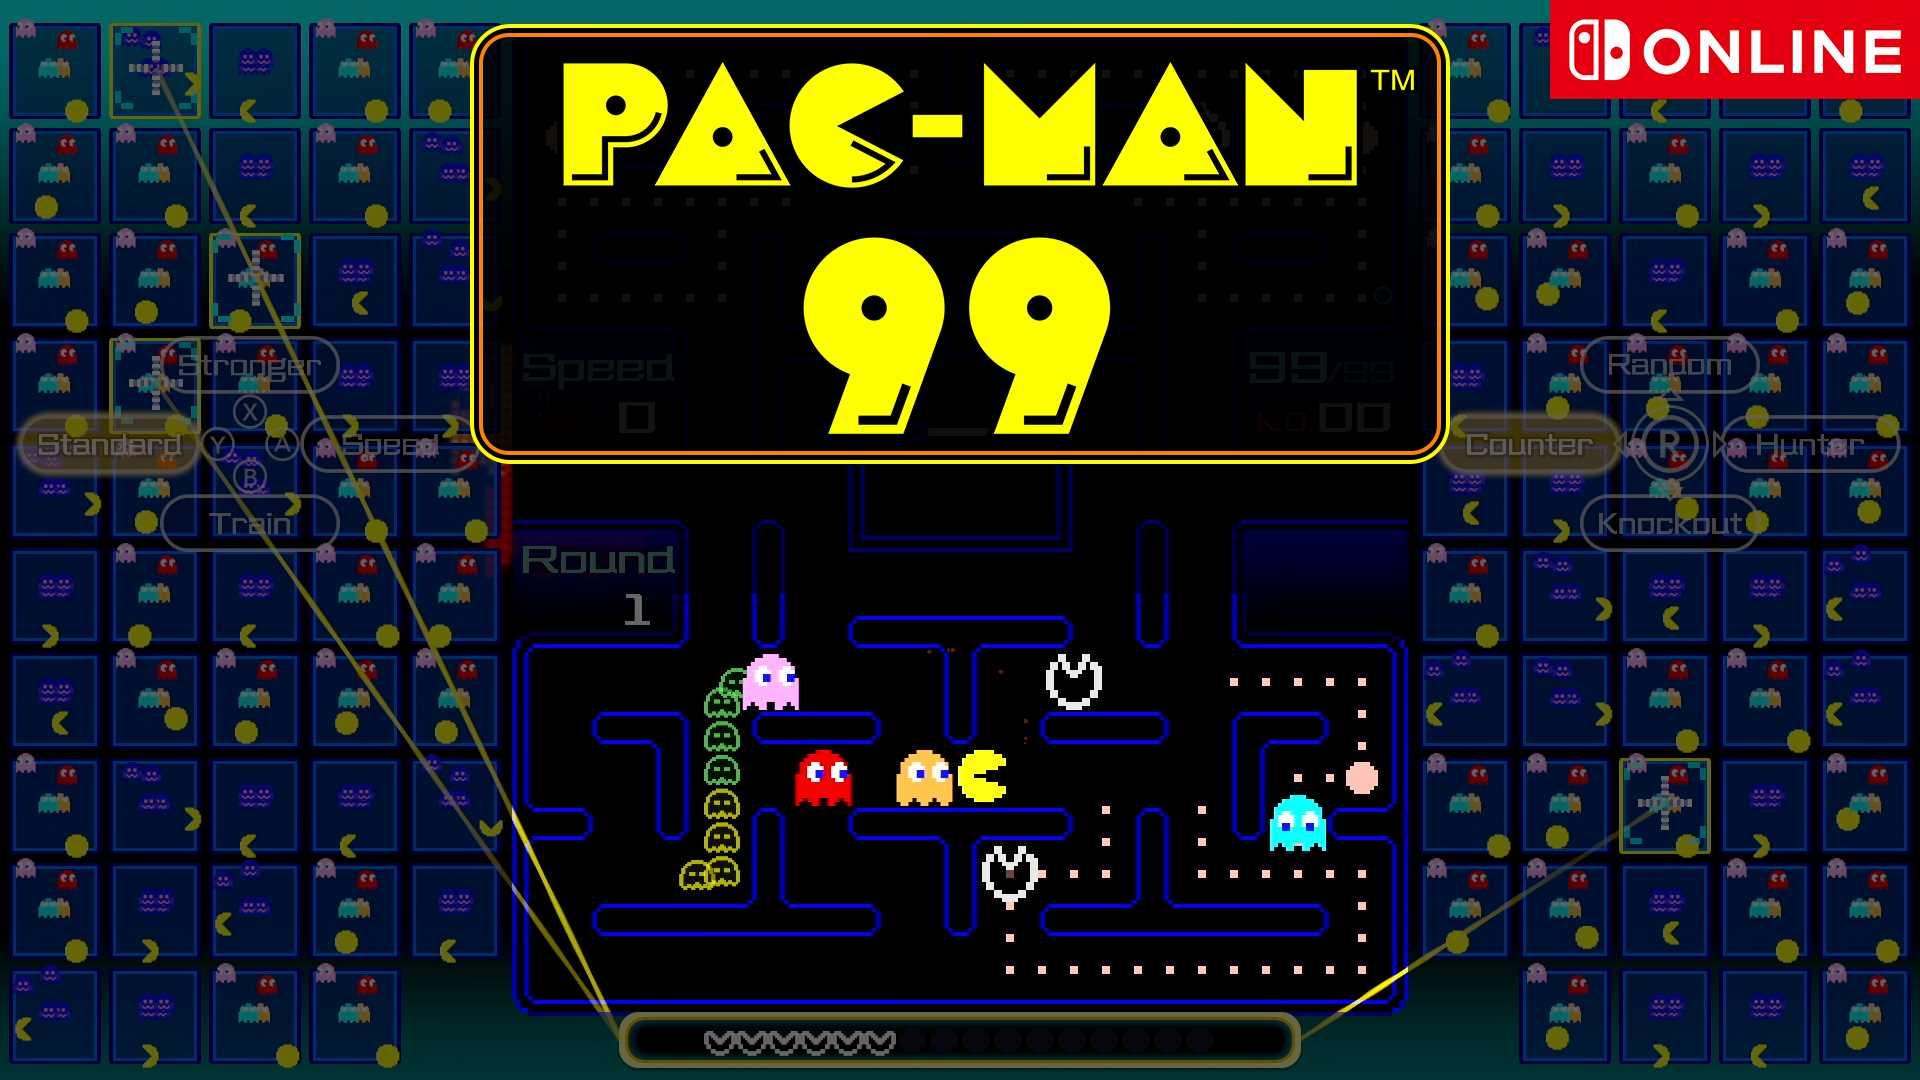 PAC-MAN 99 Nintendo Switch - Keyart